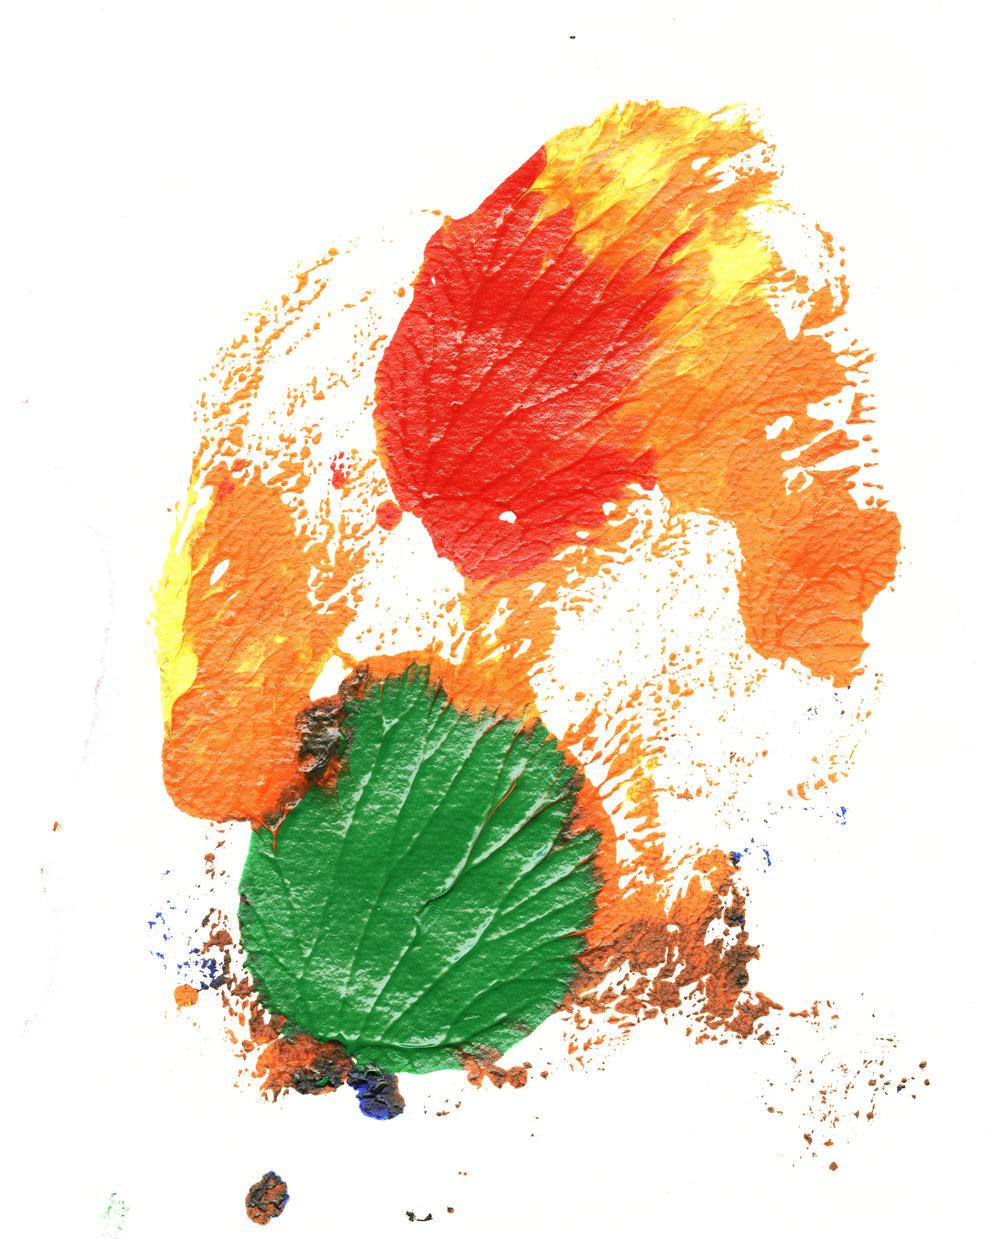 splodge-3.jpg